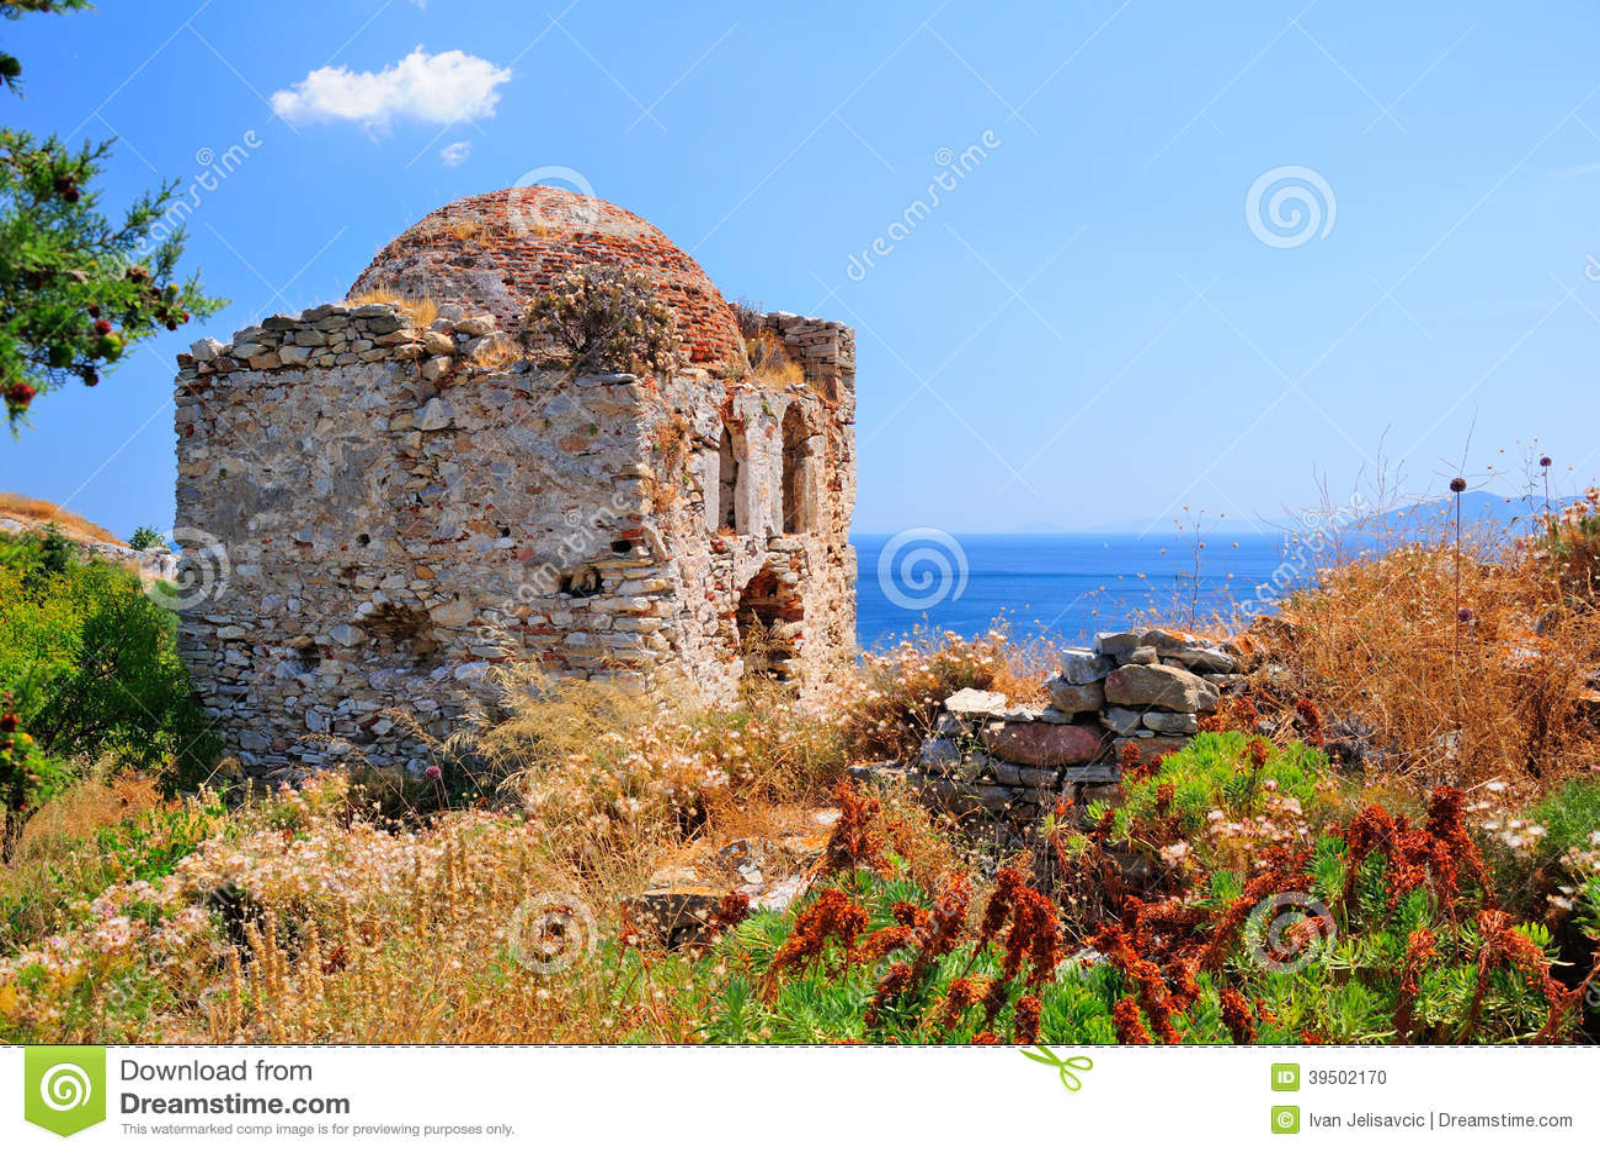 Ruins in Kastro, old metropolis of Skiathos,